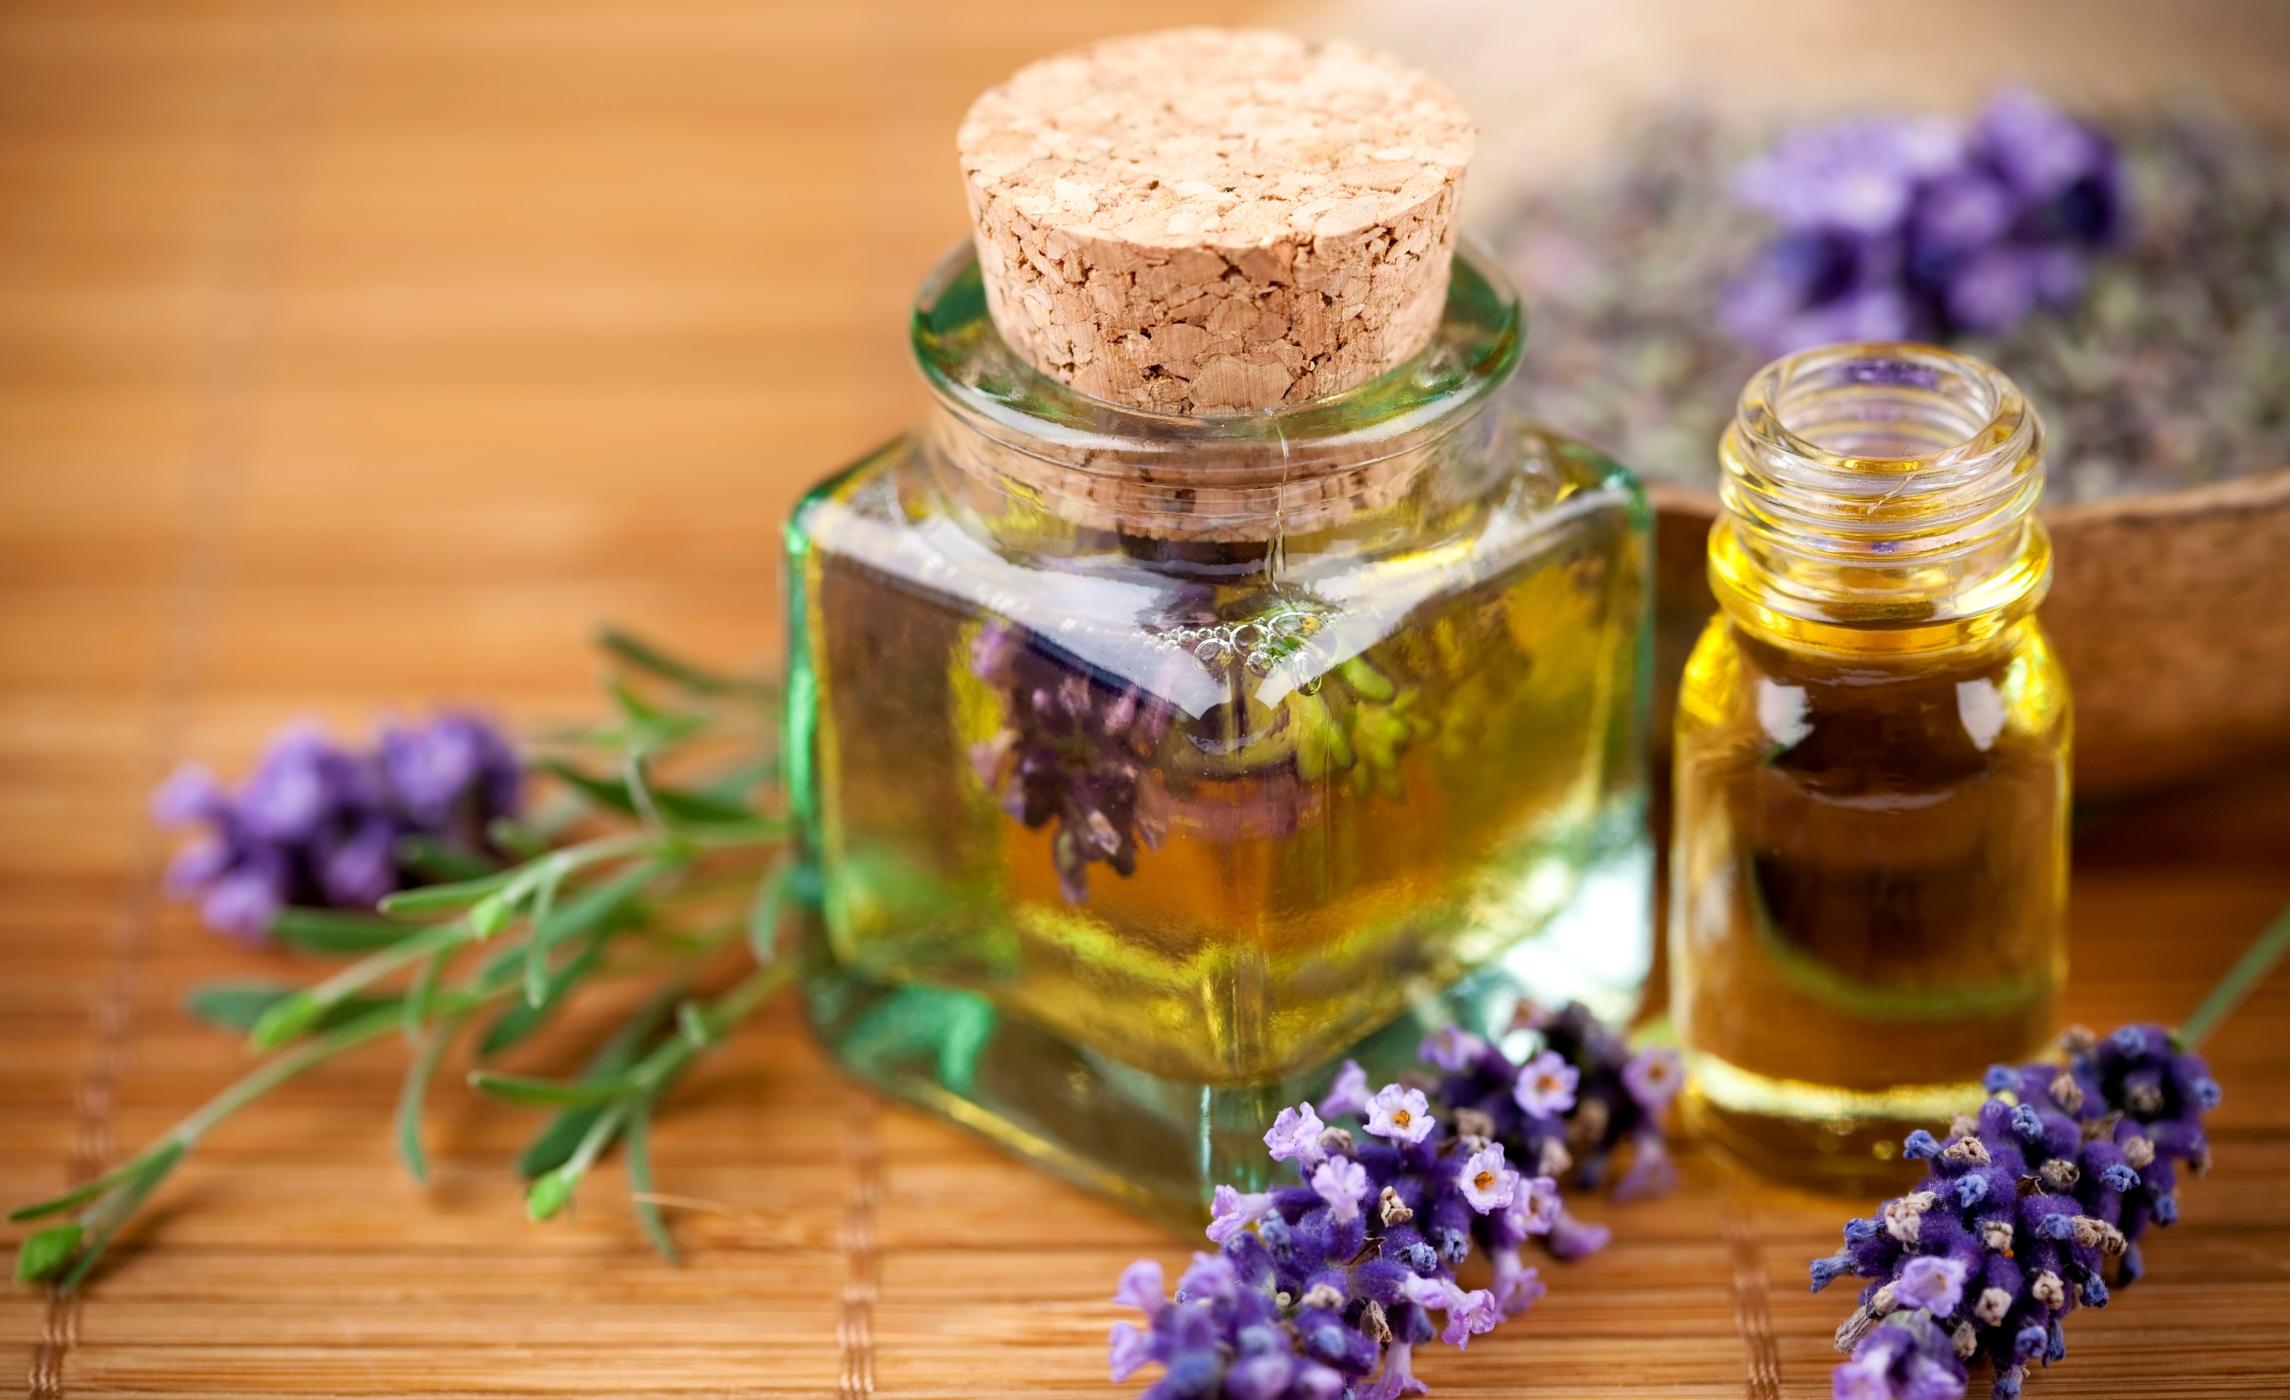 ароматический шампунь морская соль флаконы  № 1495251 загрузить